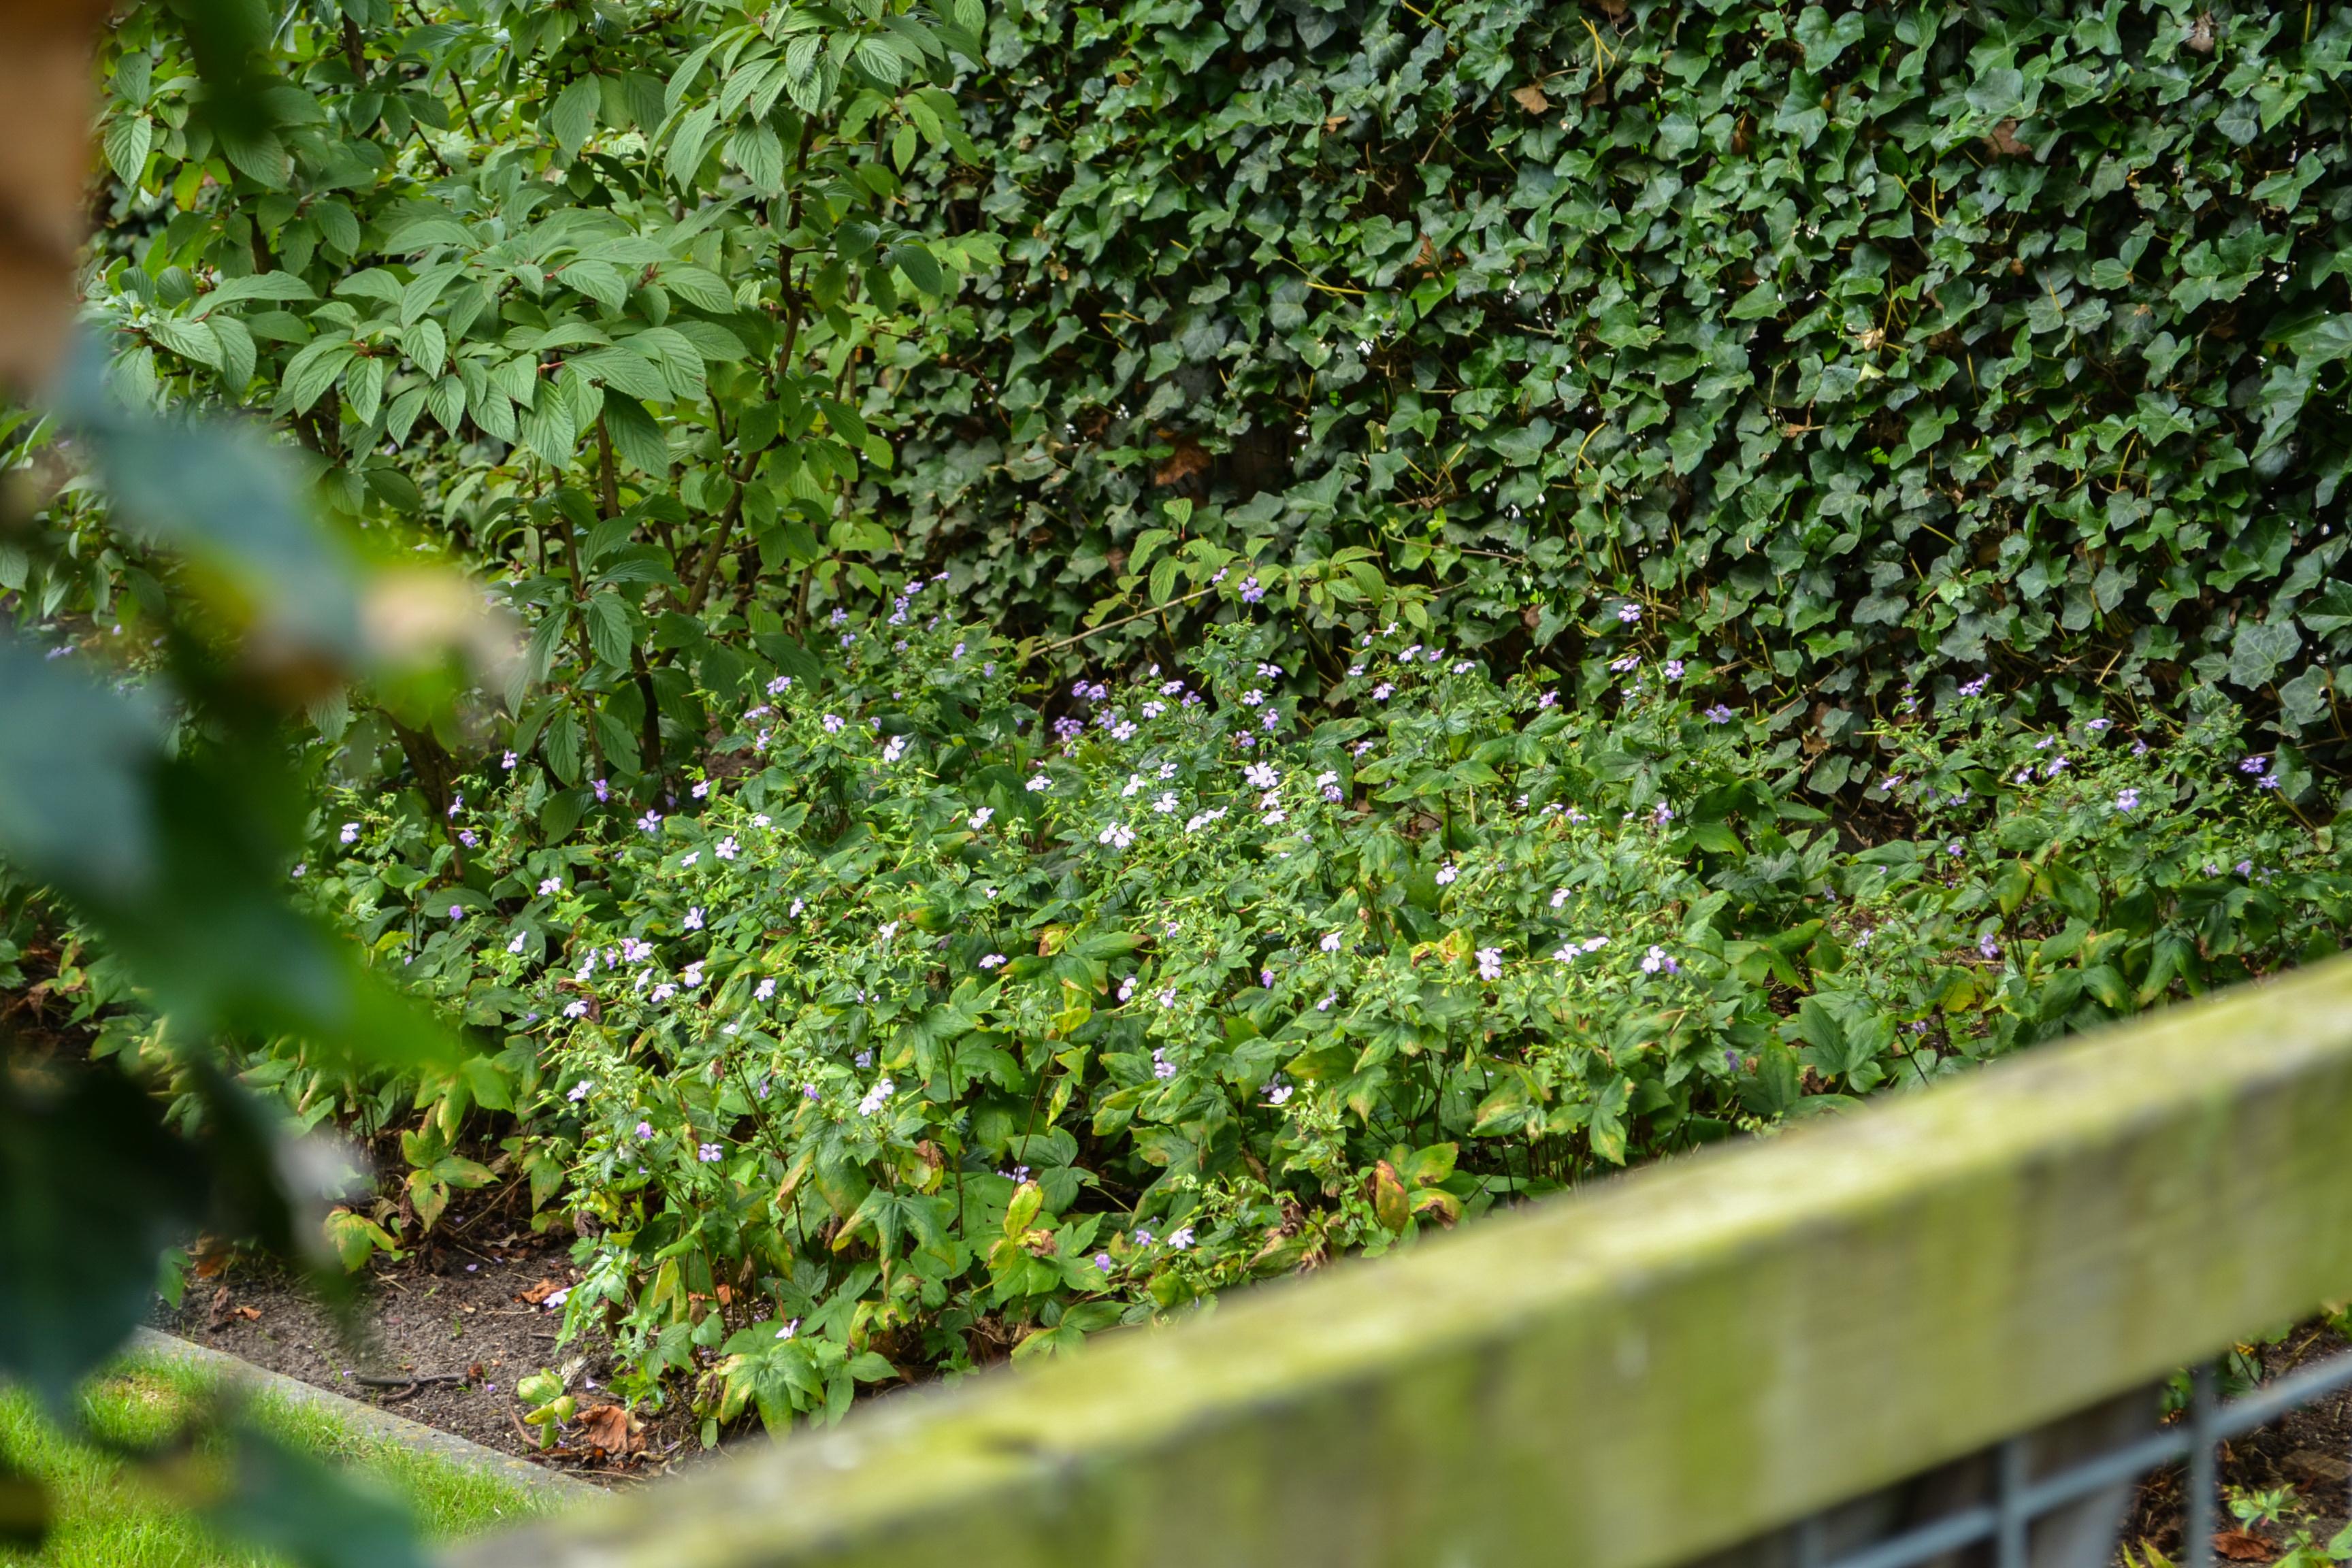 Mest Voor Tuin : Mest voor tuin. finest culterra kg with mest voor tuin. great tuin